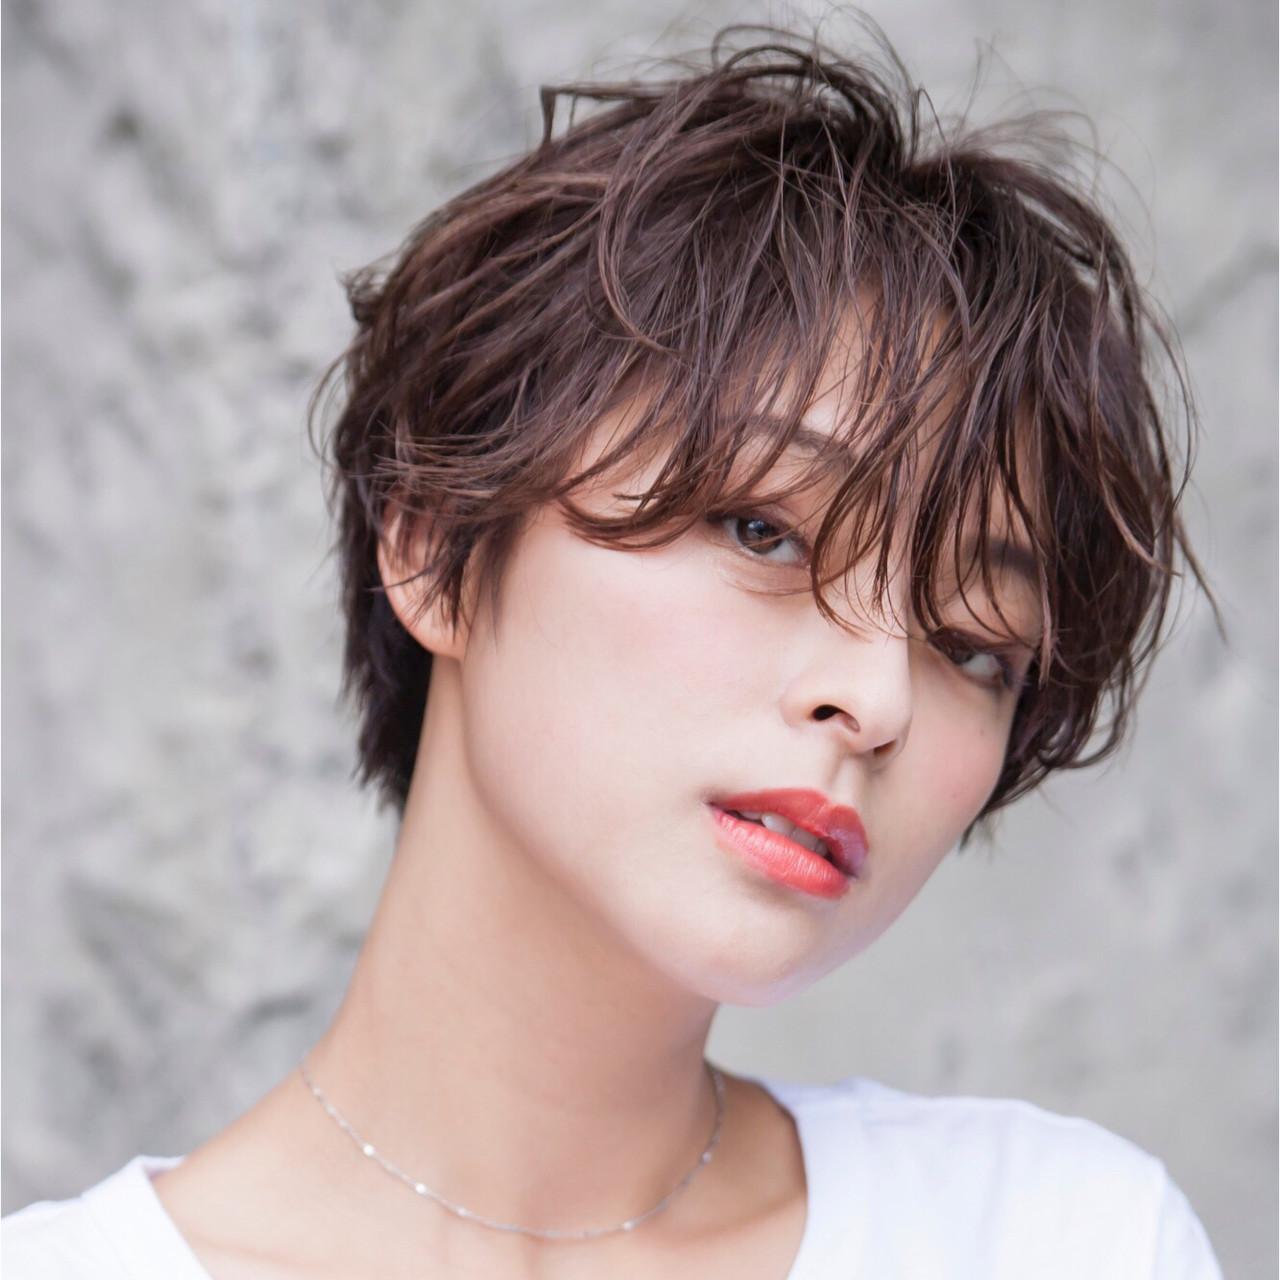 アッシュベージュ ショートパーマ ナチュラル ショートヘアスタイルや髪型の写真・画像